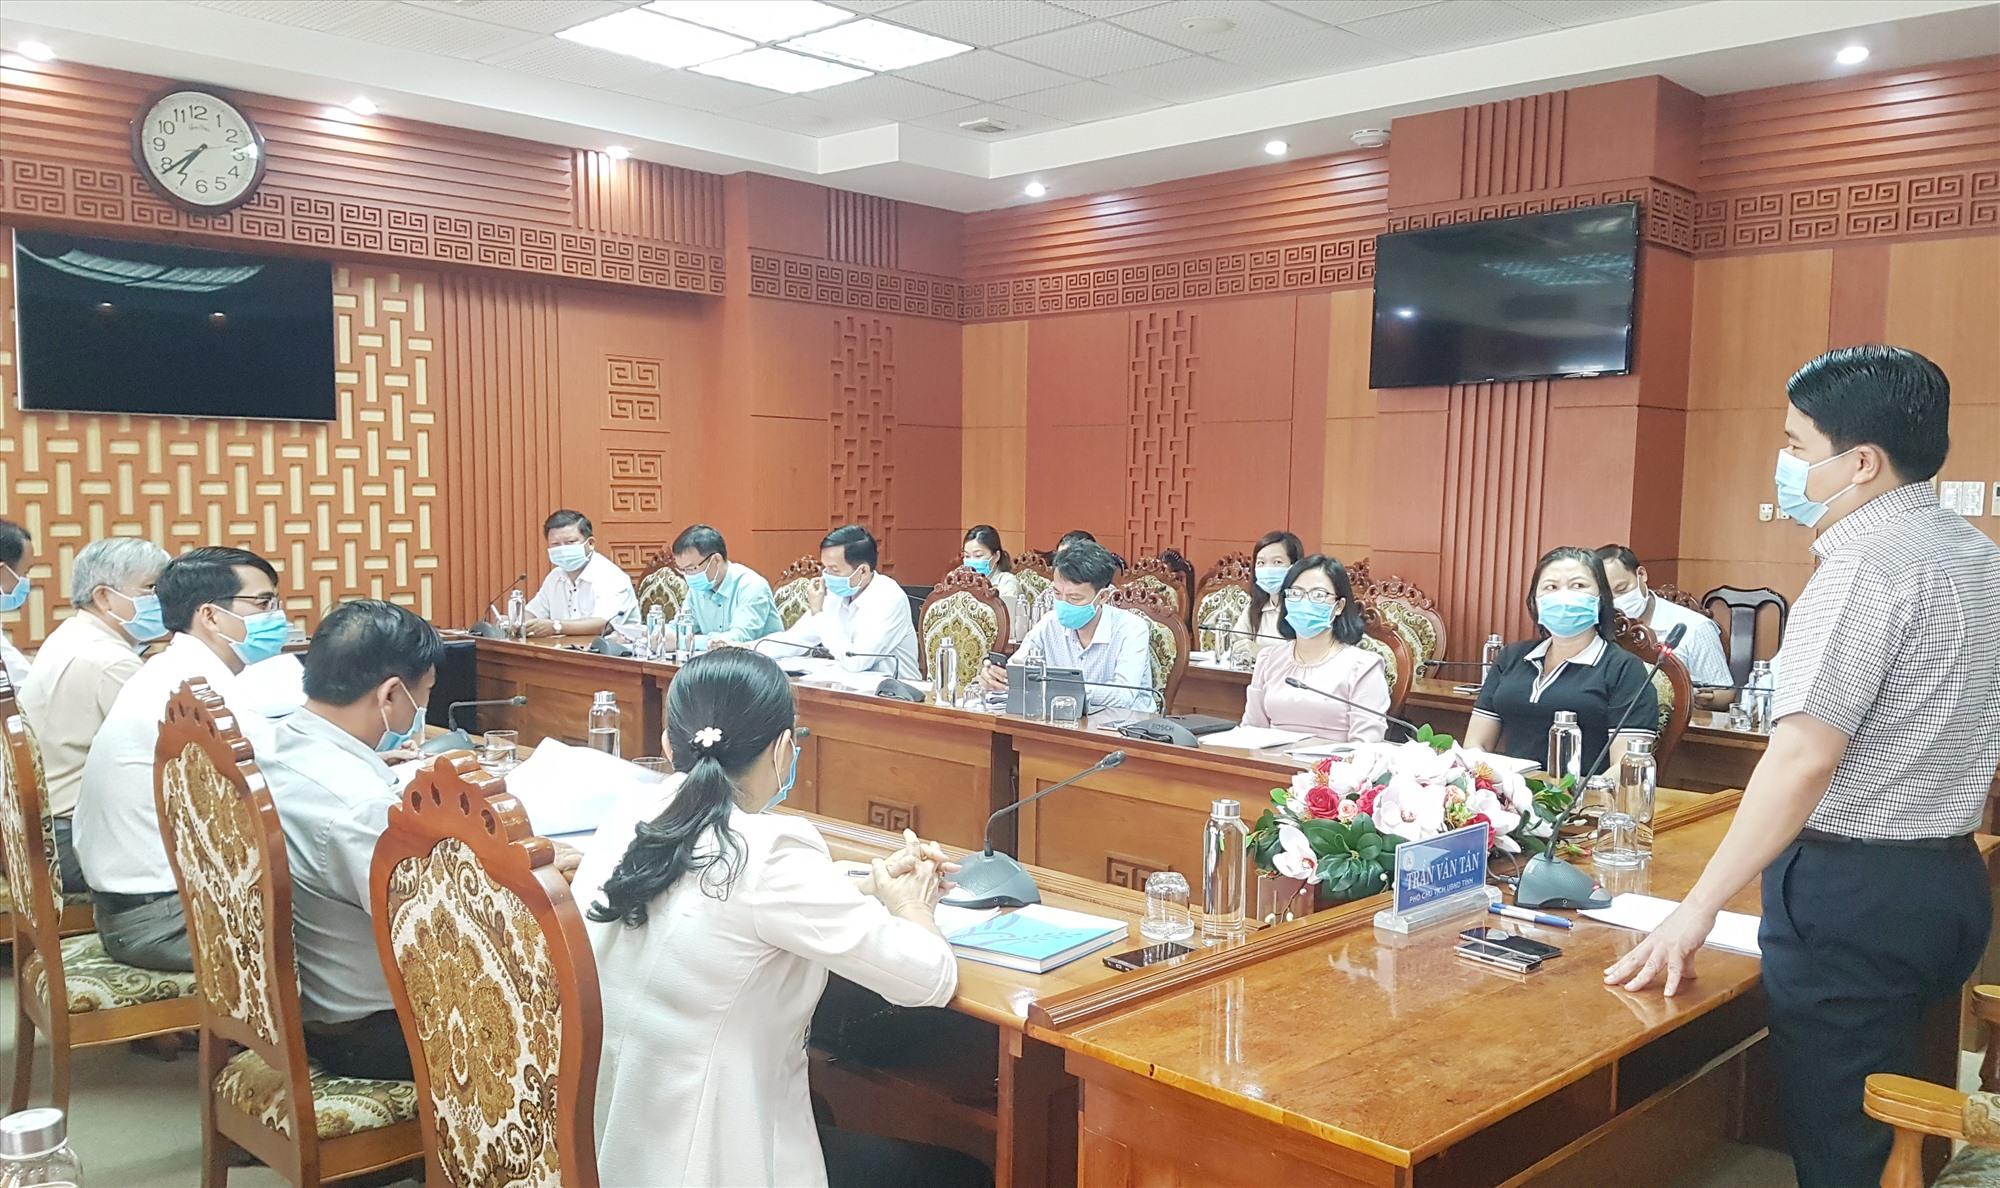 Phó Chủ tịch UBND tỉnh Trần Văn Tân yêu cầu Trường Cao đẳng Quảng Nam phải là nơi đào tạo nguồn nhân lực chất lượng của tỉnh. Ảnh: D.L